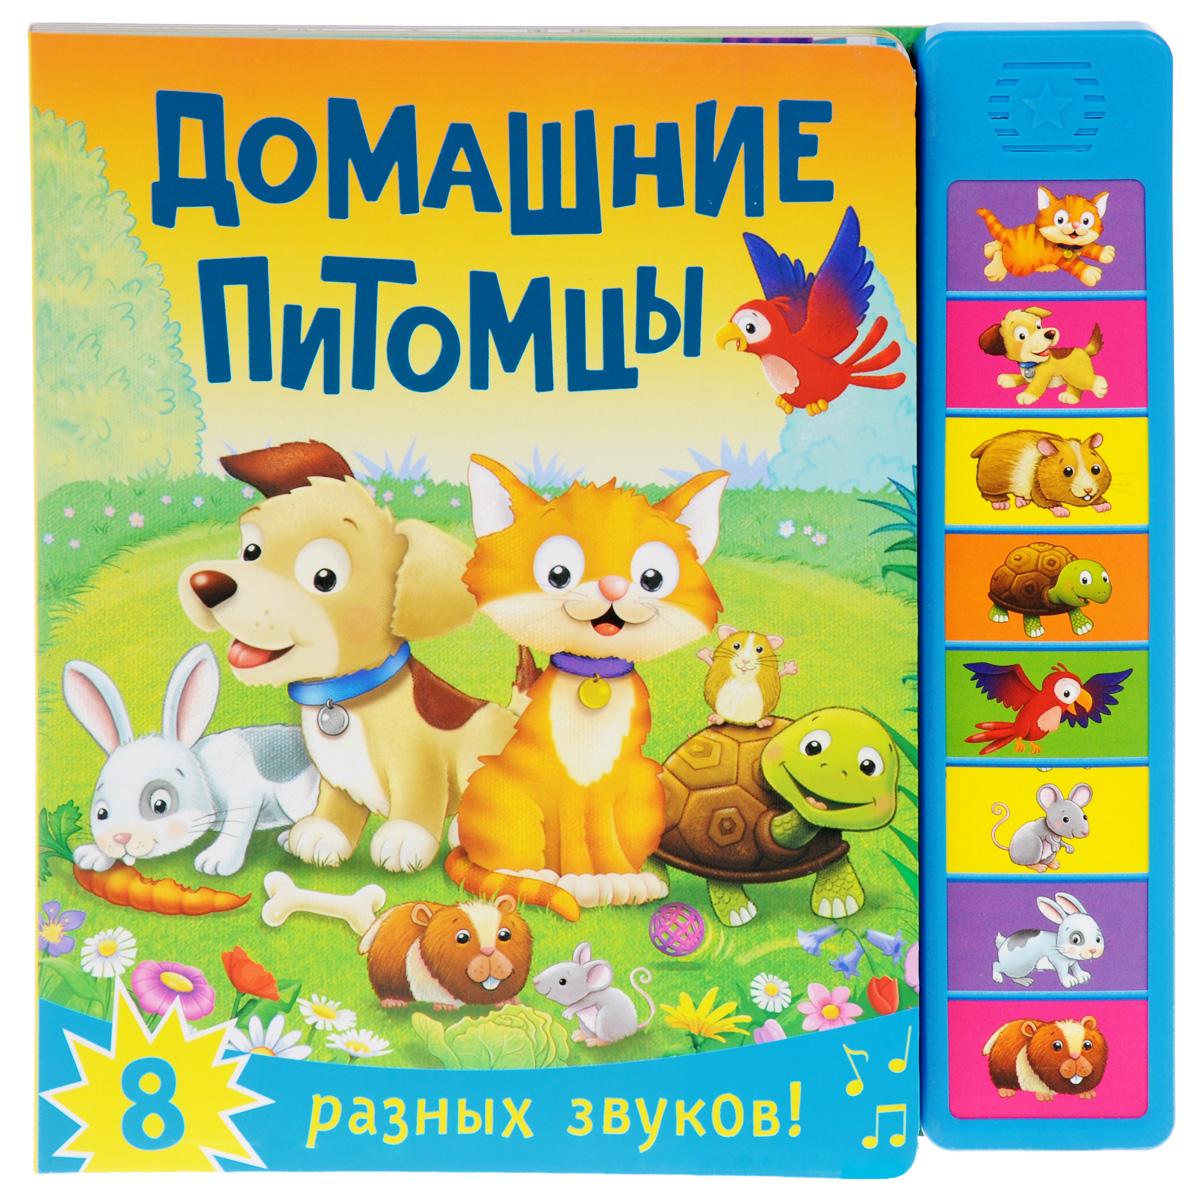 М. Романова Домашние питомцы. Книжка игрушка